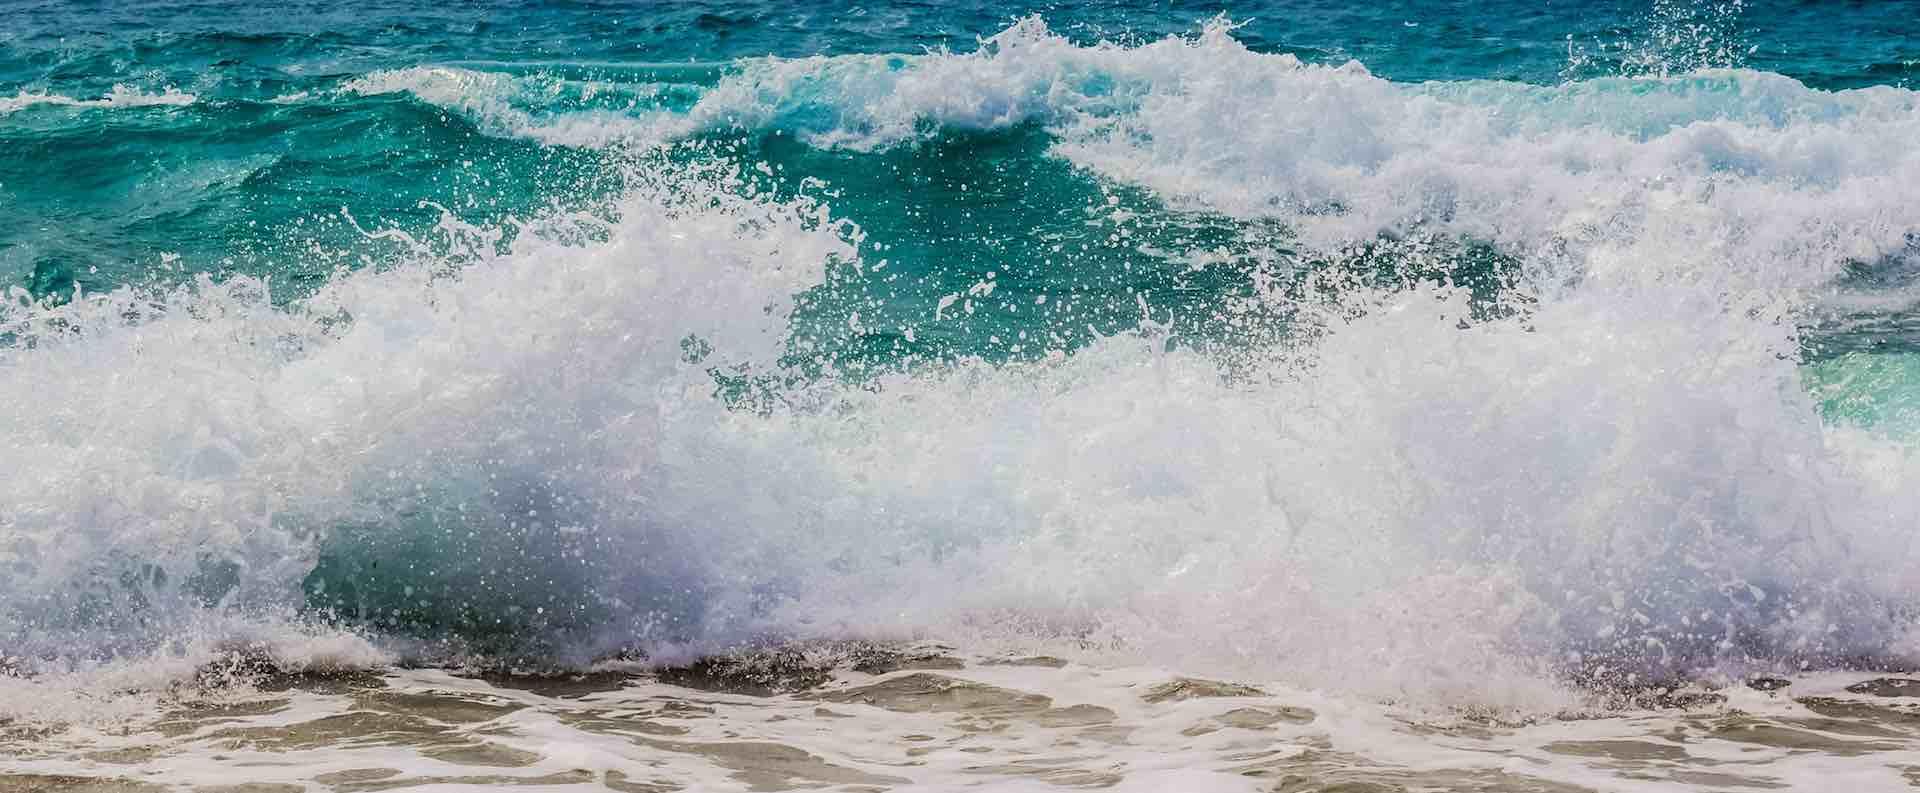 beach-daylight-motion-355328 copy